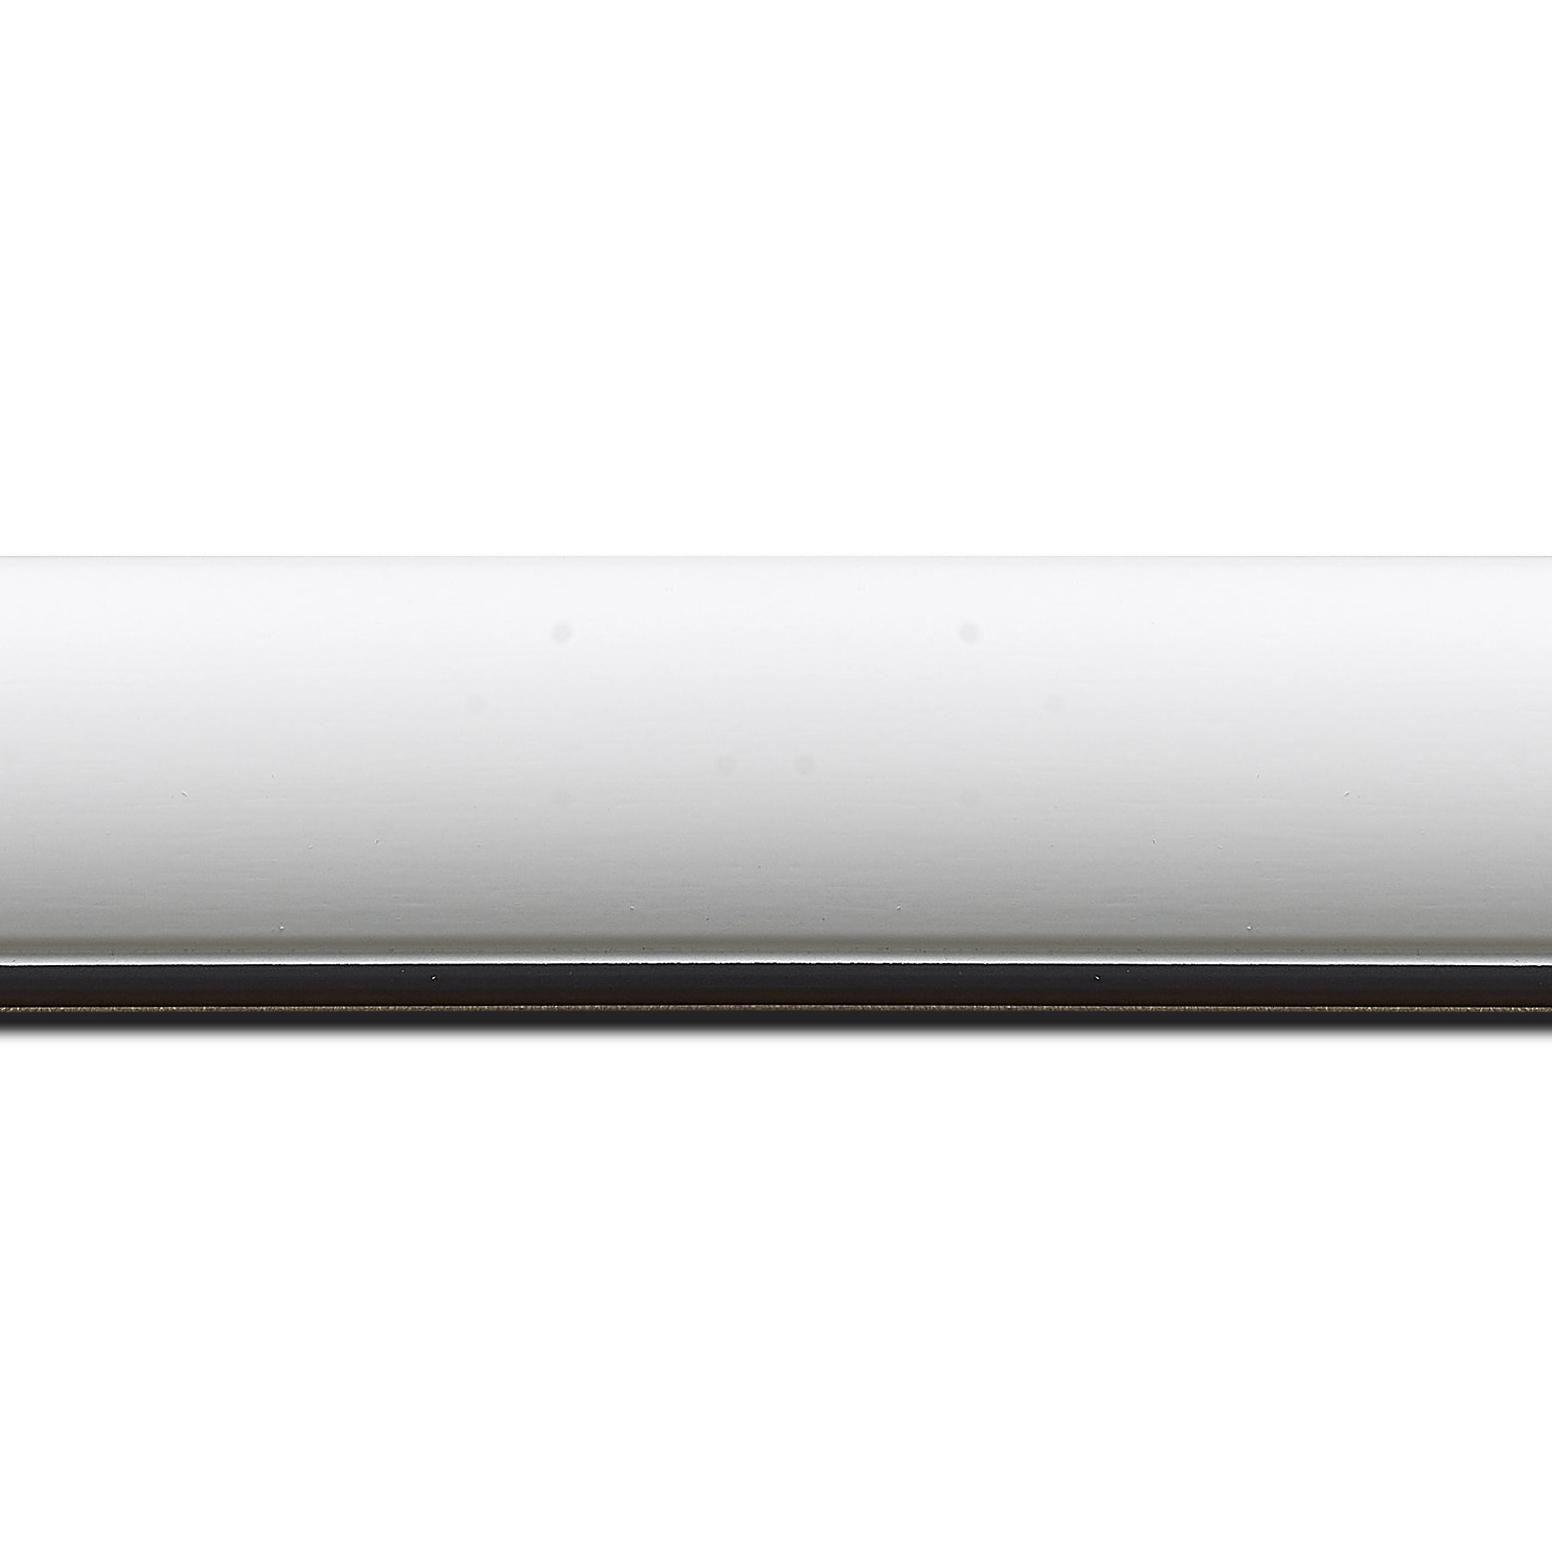 Pack par 12m, bois profil arrondi largeur 4.7cm couleur blanc mat finition pore bouché filet noir mat(longueur baguette pouvant varier entre 2.40m et 3m selon arrivage des bois)